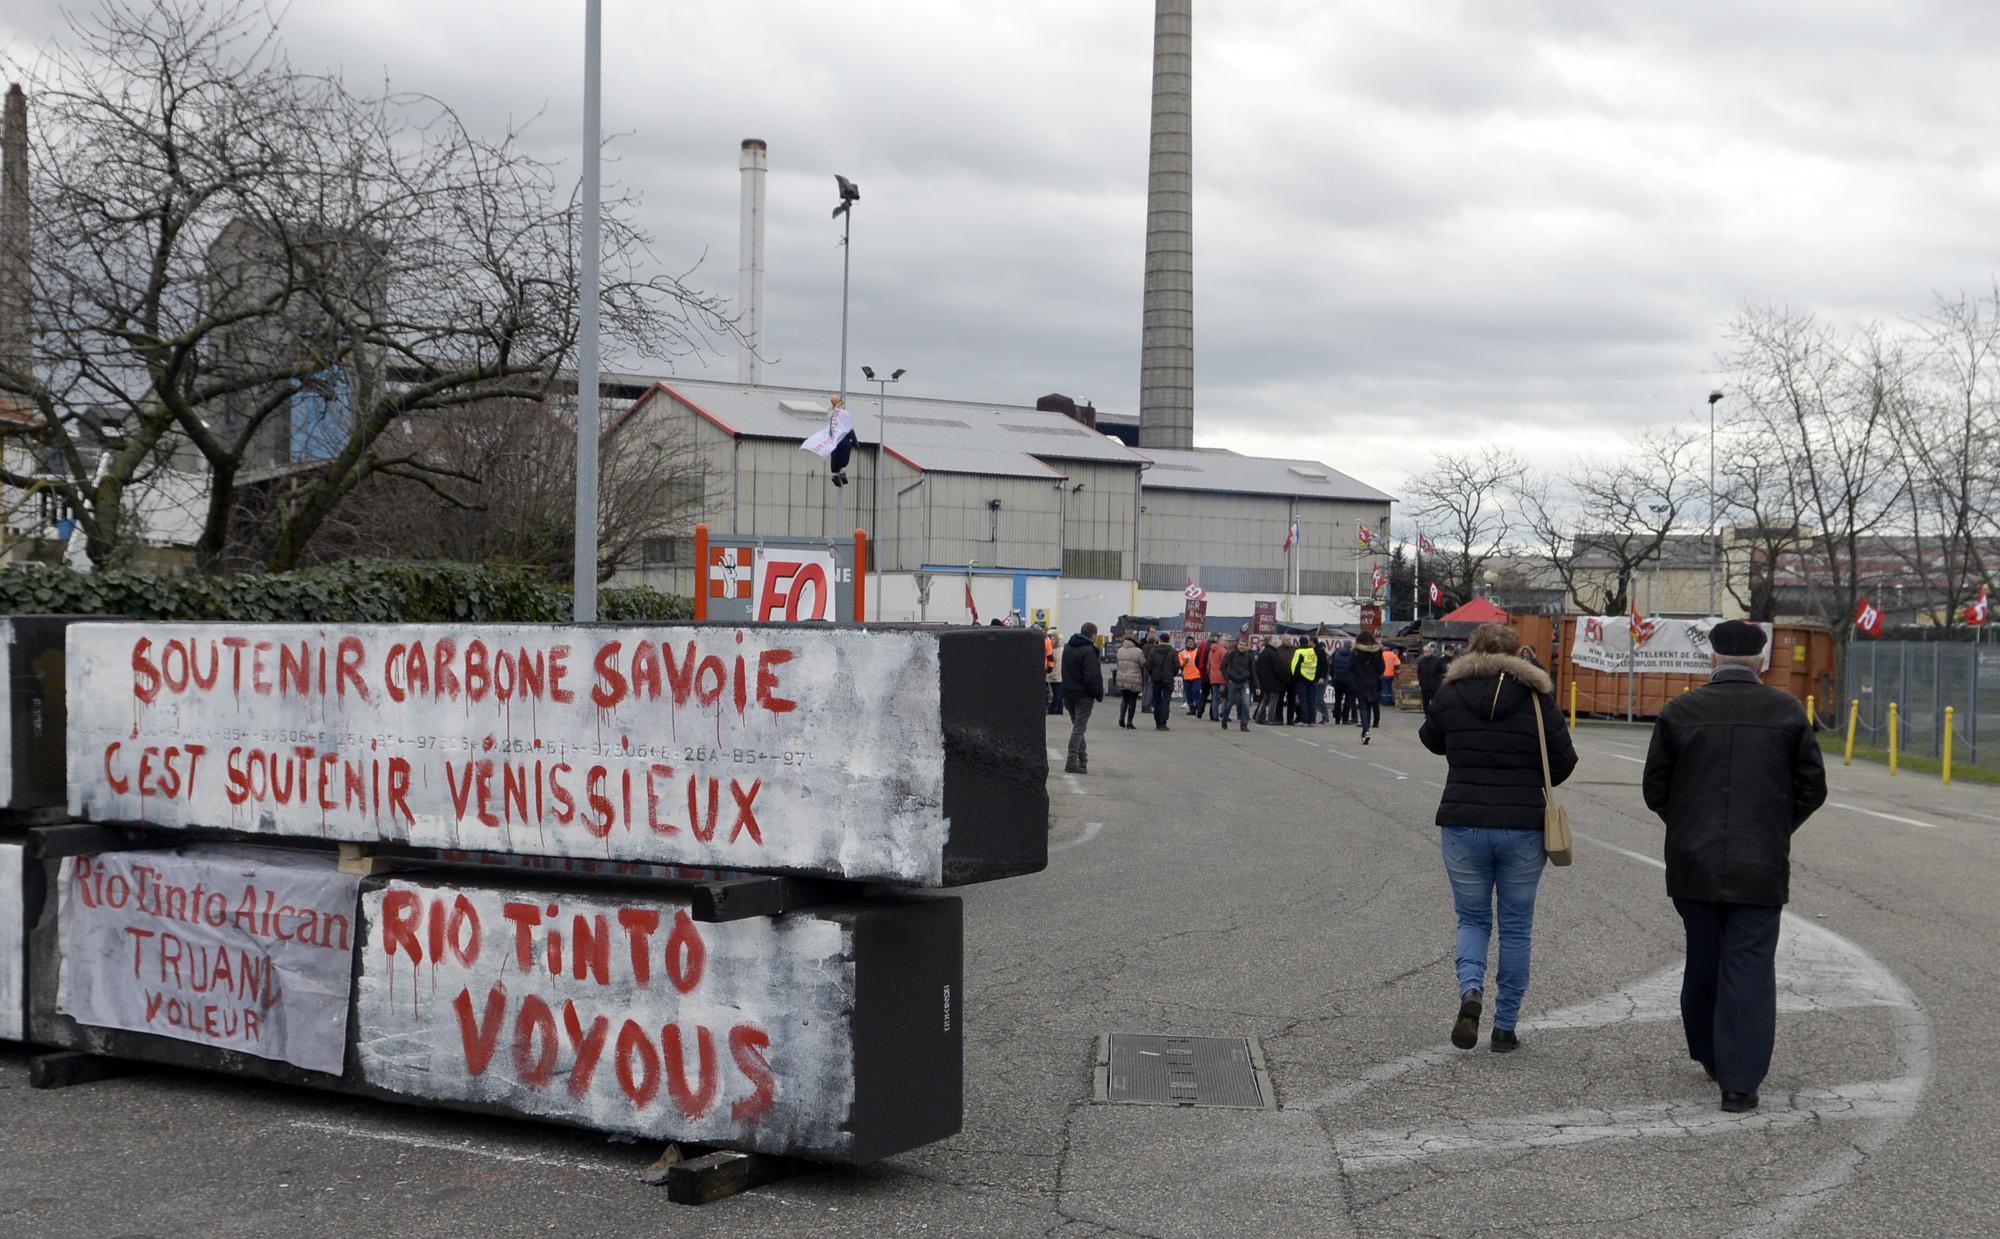 Rassemblement de soutien devant Carbone Savoie, 8 fev. 2016. Maire de Vx, elus, syndicalistes...